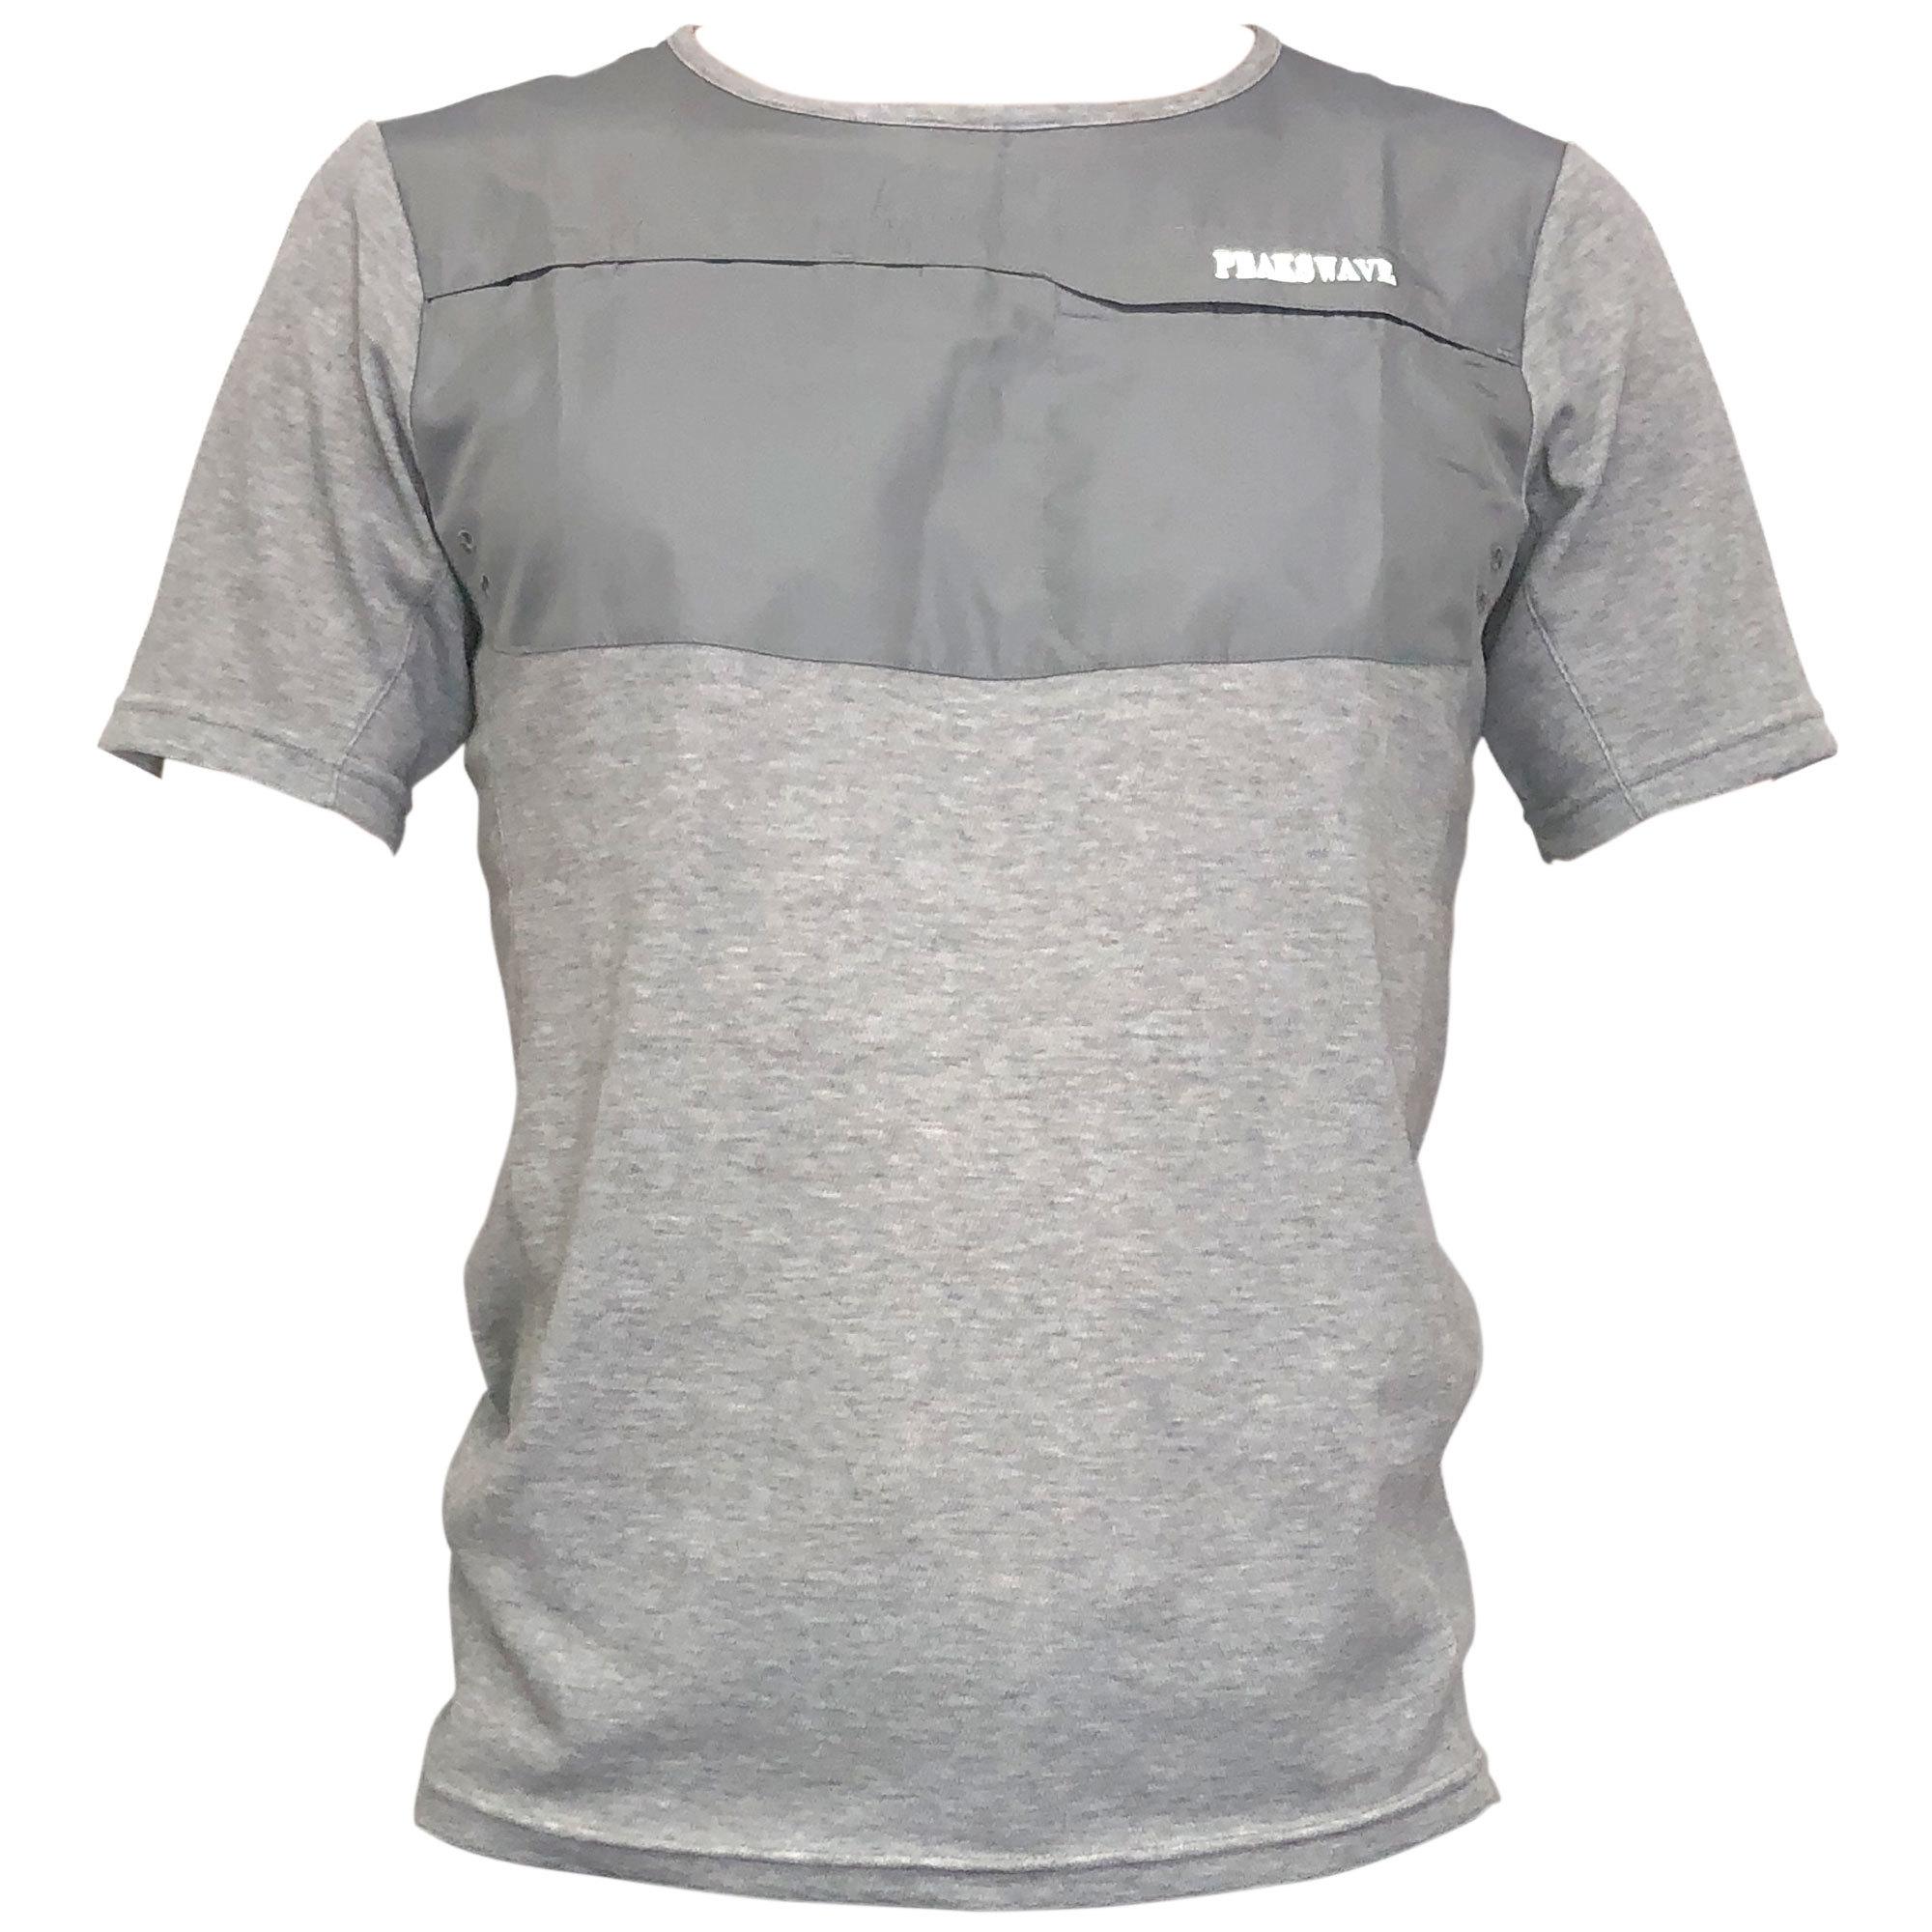 P818TSM20 吸水速乾 UV メンズハイブリッドTシャツ(グレー)